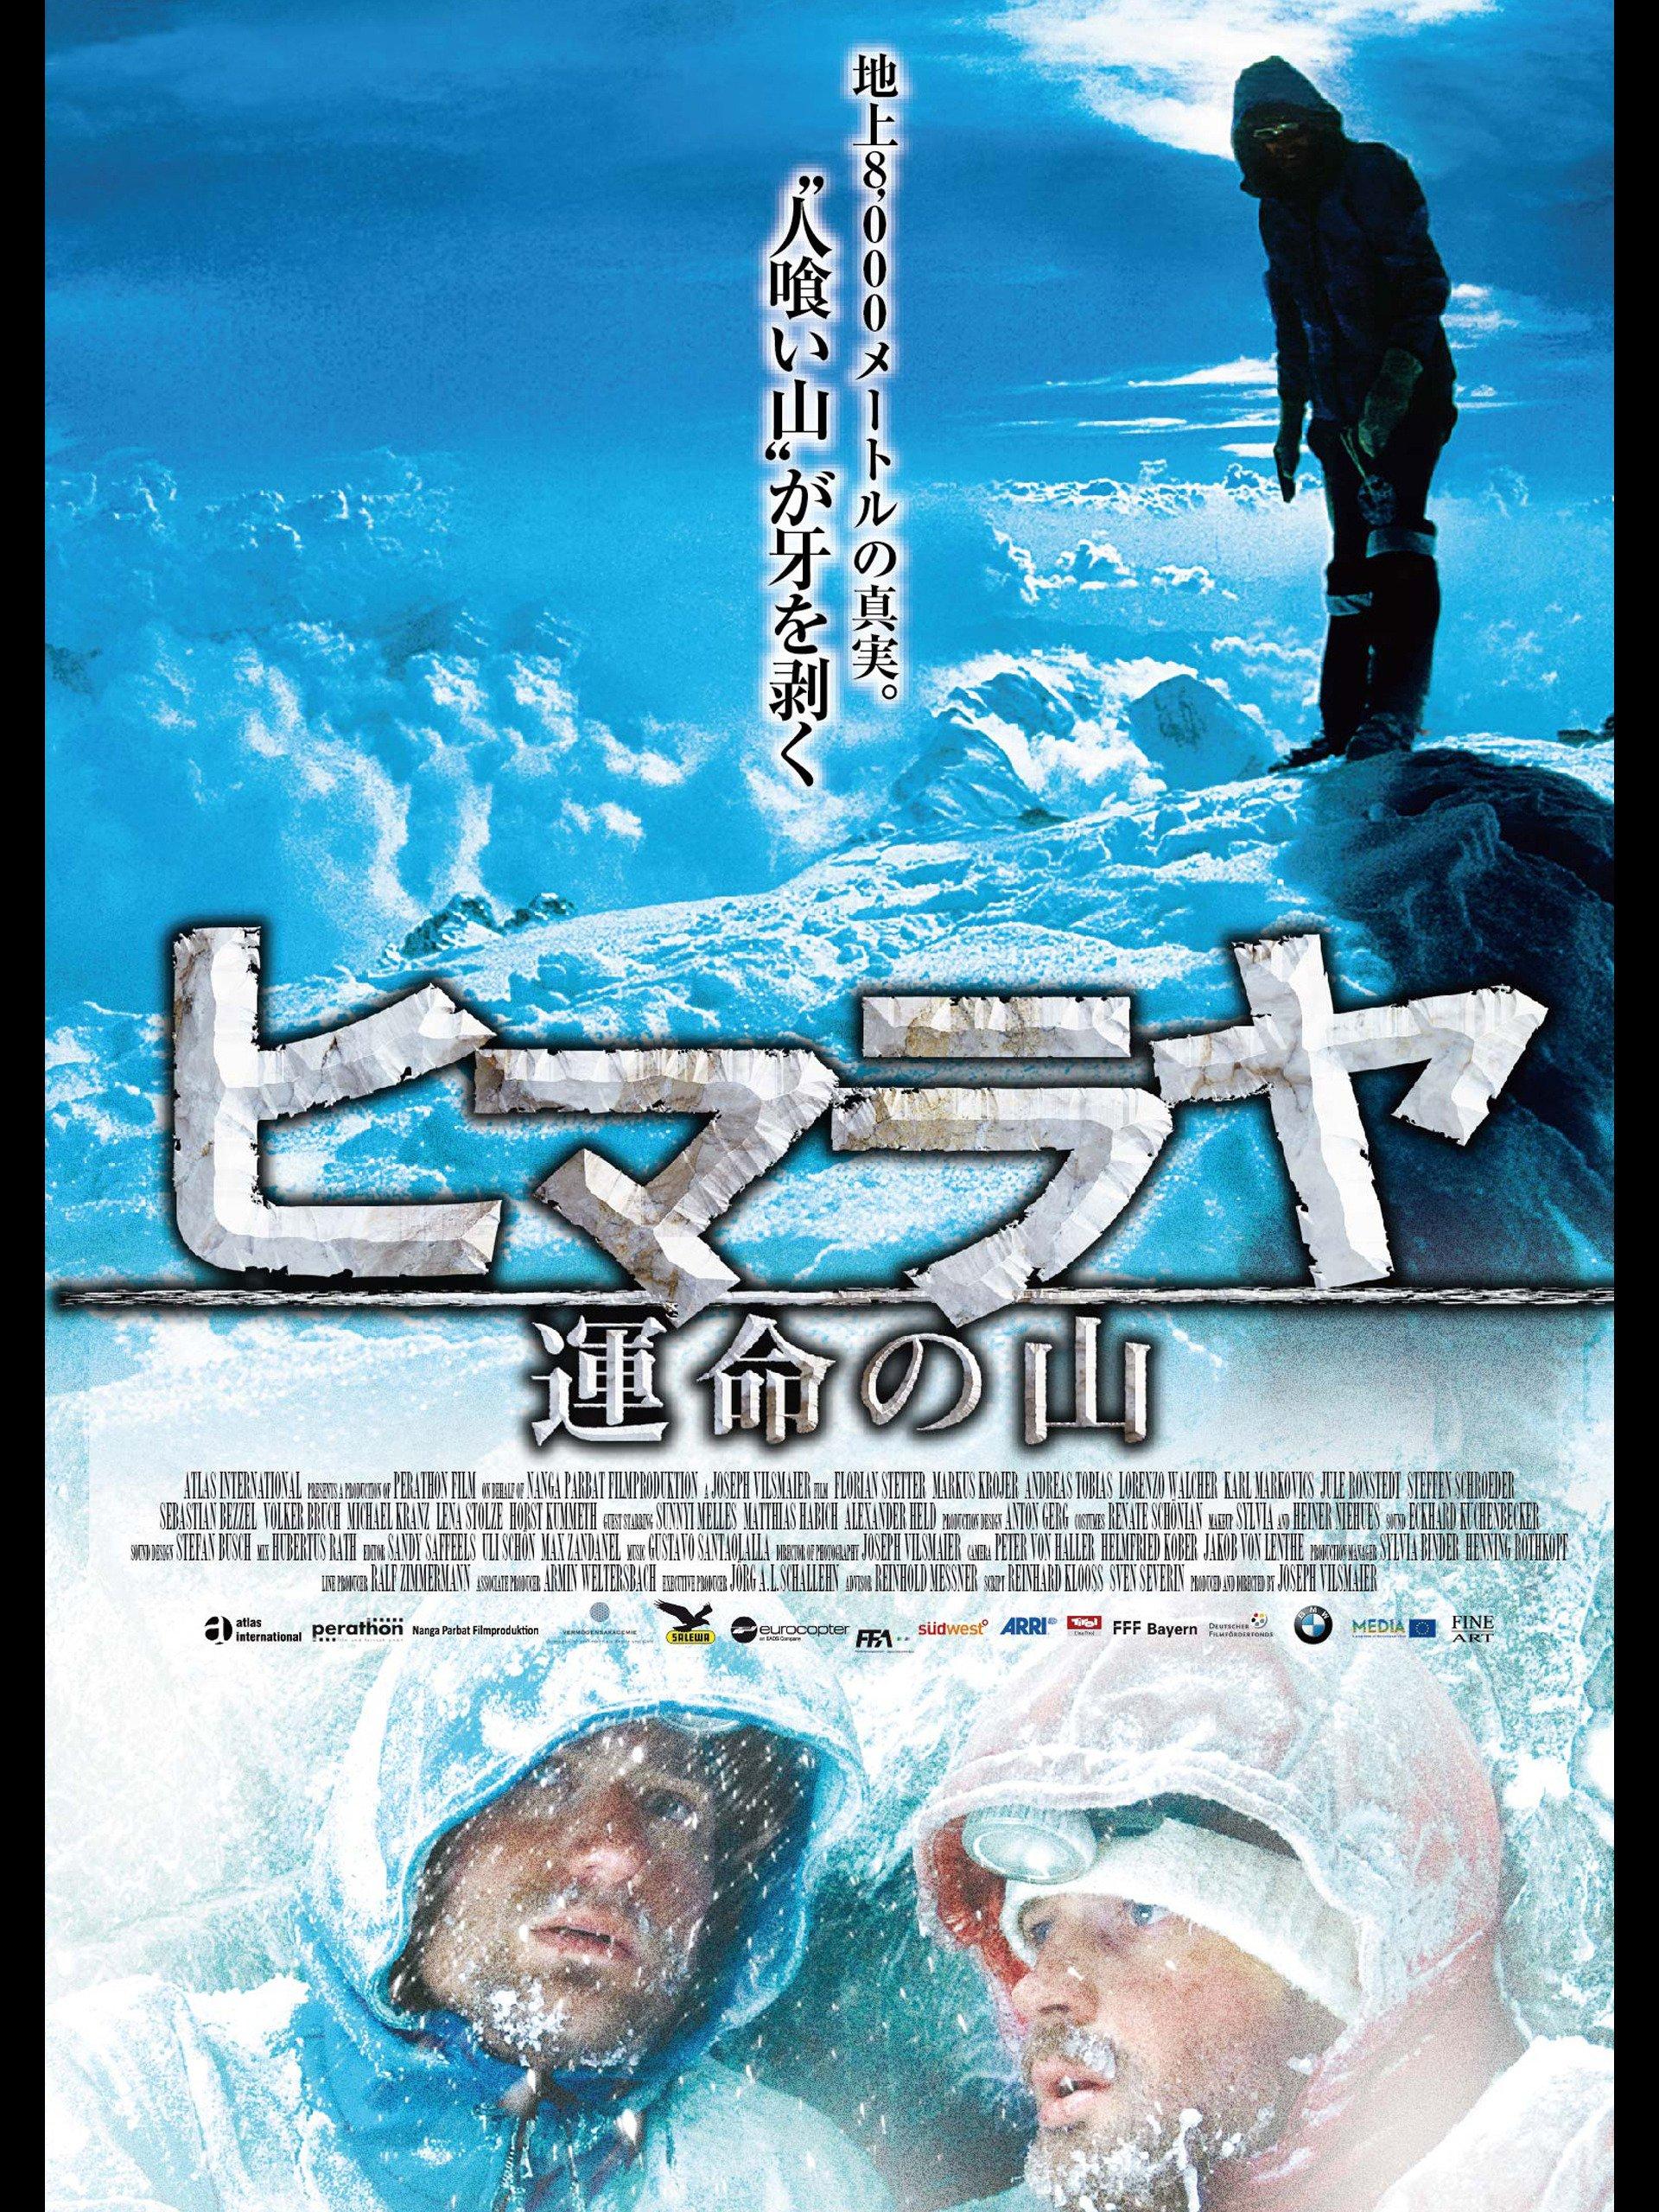 Amazon.co.jp: ヒマラヤ 運命の山 (字幕版)を観る | Prime Video